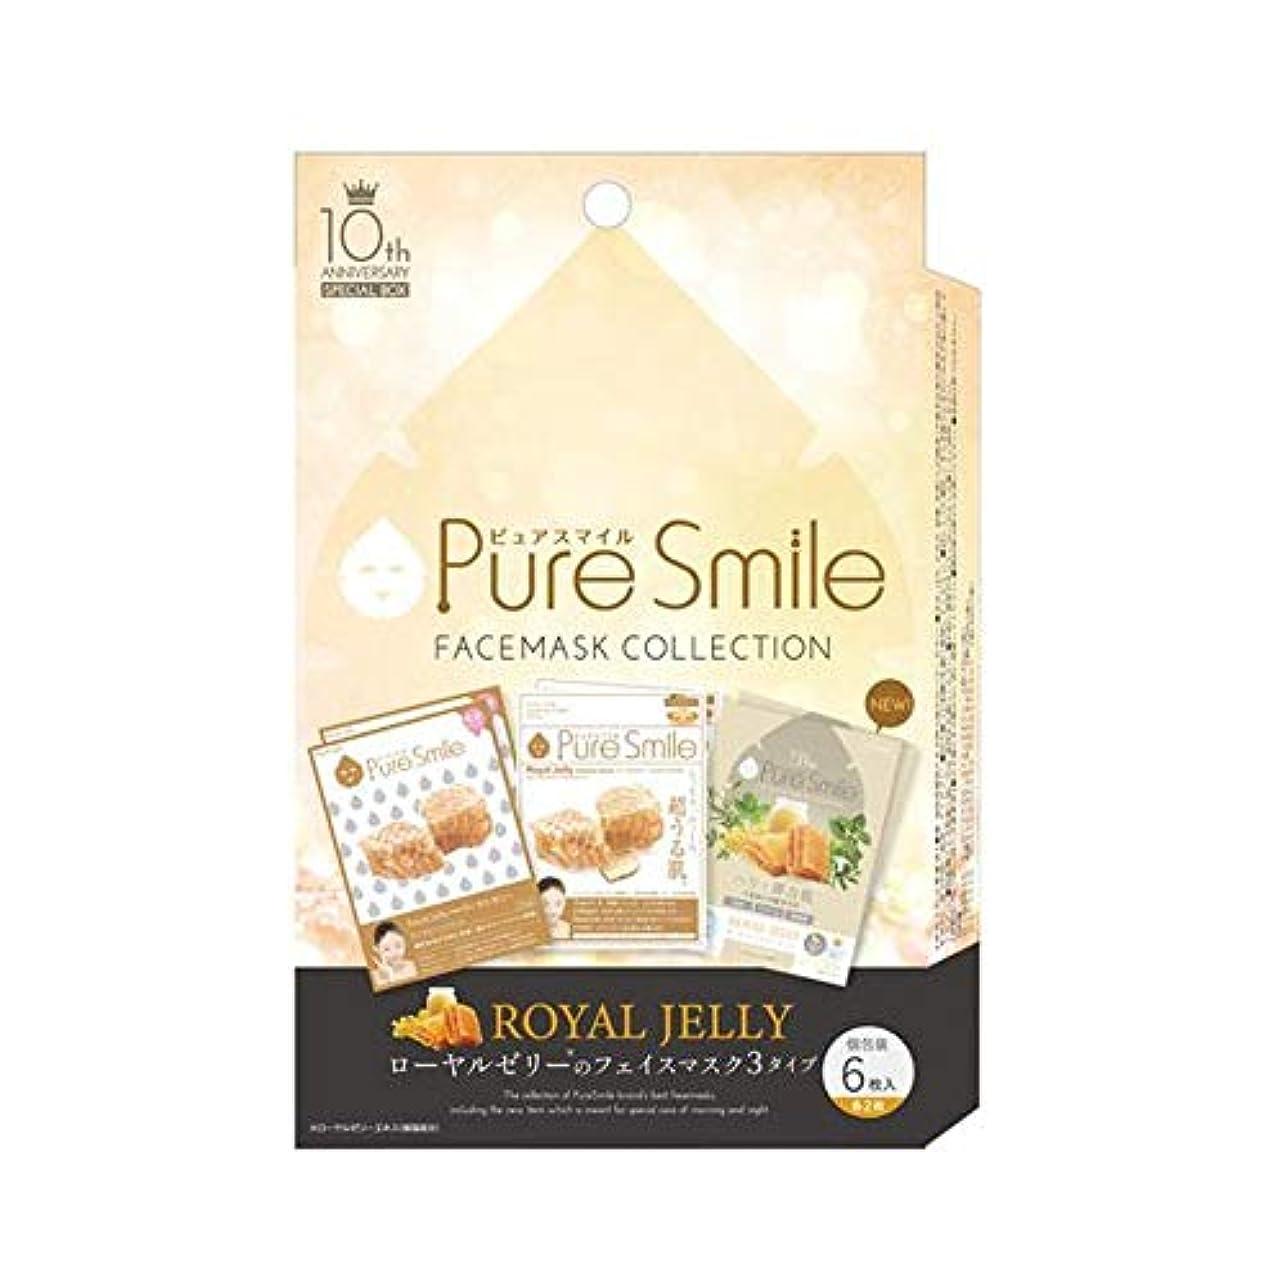 相互接続マグ乱雑なピュア スマイル Pure Smile 10thアニバーサリー スペシャルボックス ローヤルゼリーエキス 6枚入り